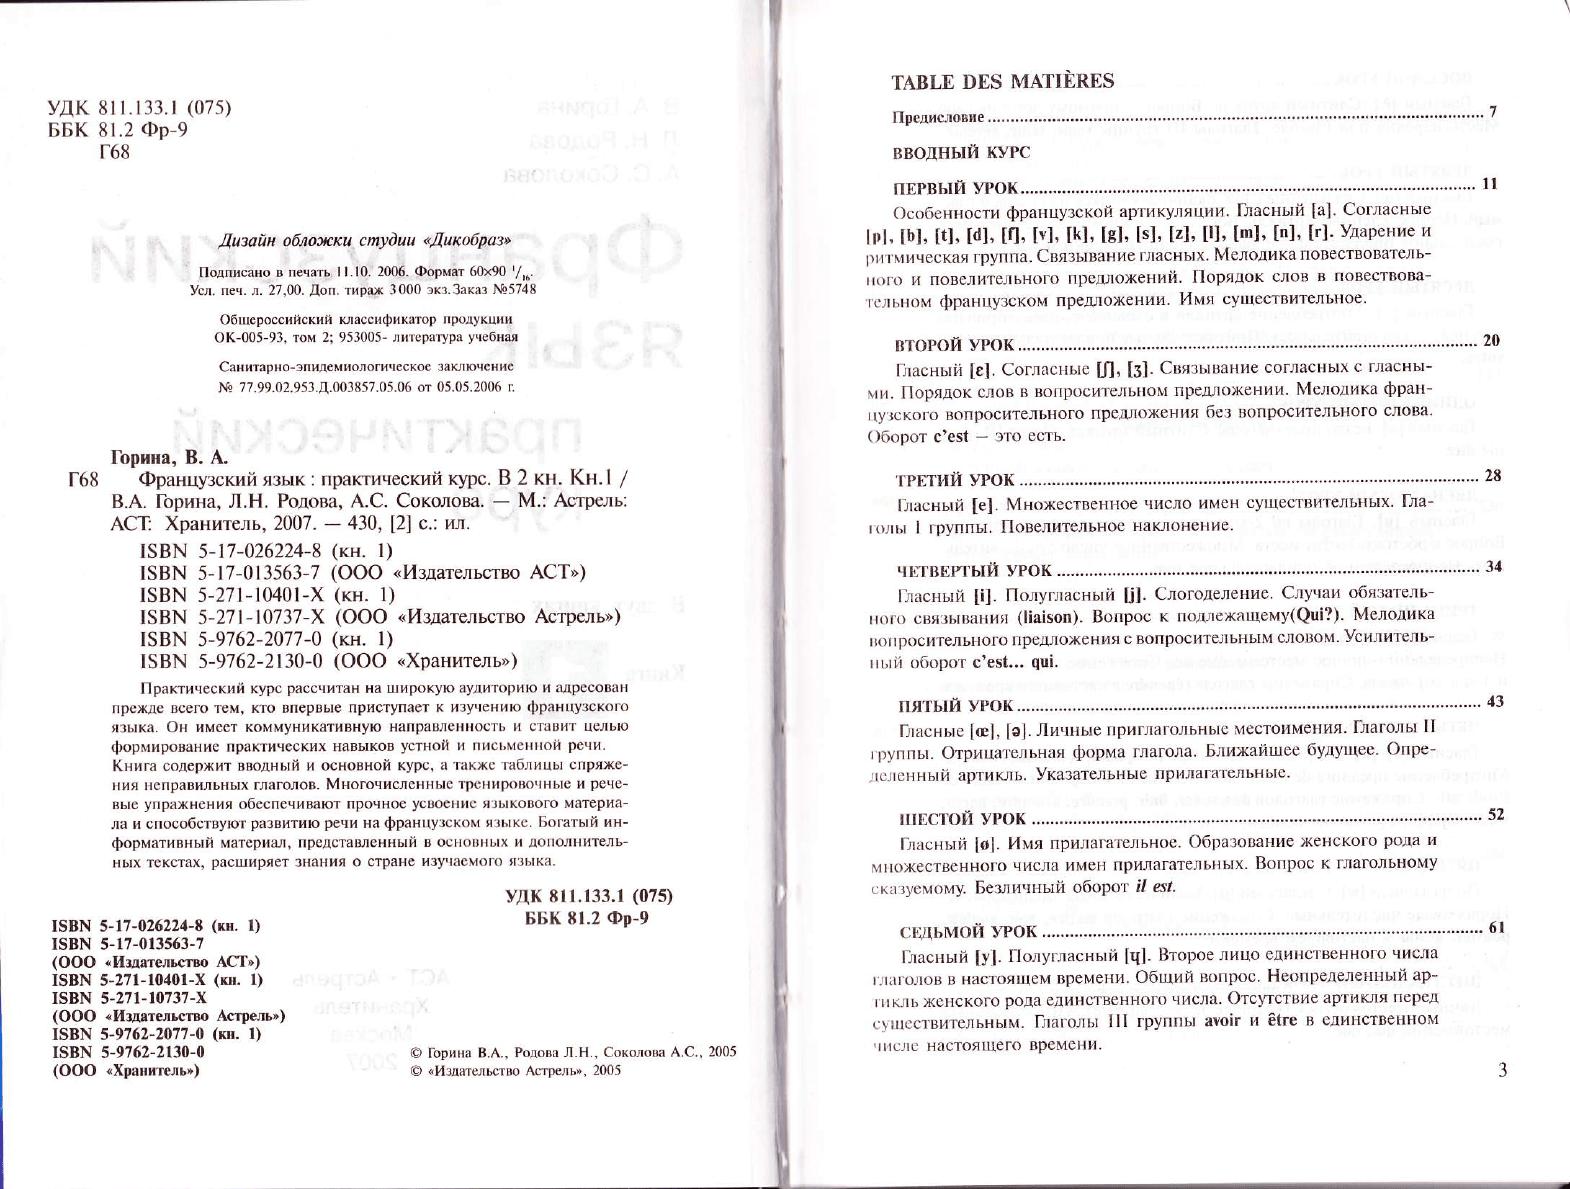 Горина В.А. Французский язык. Практический курс. Книга 1